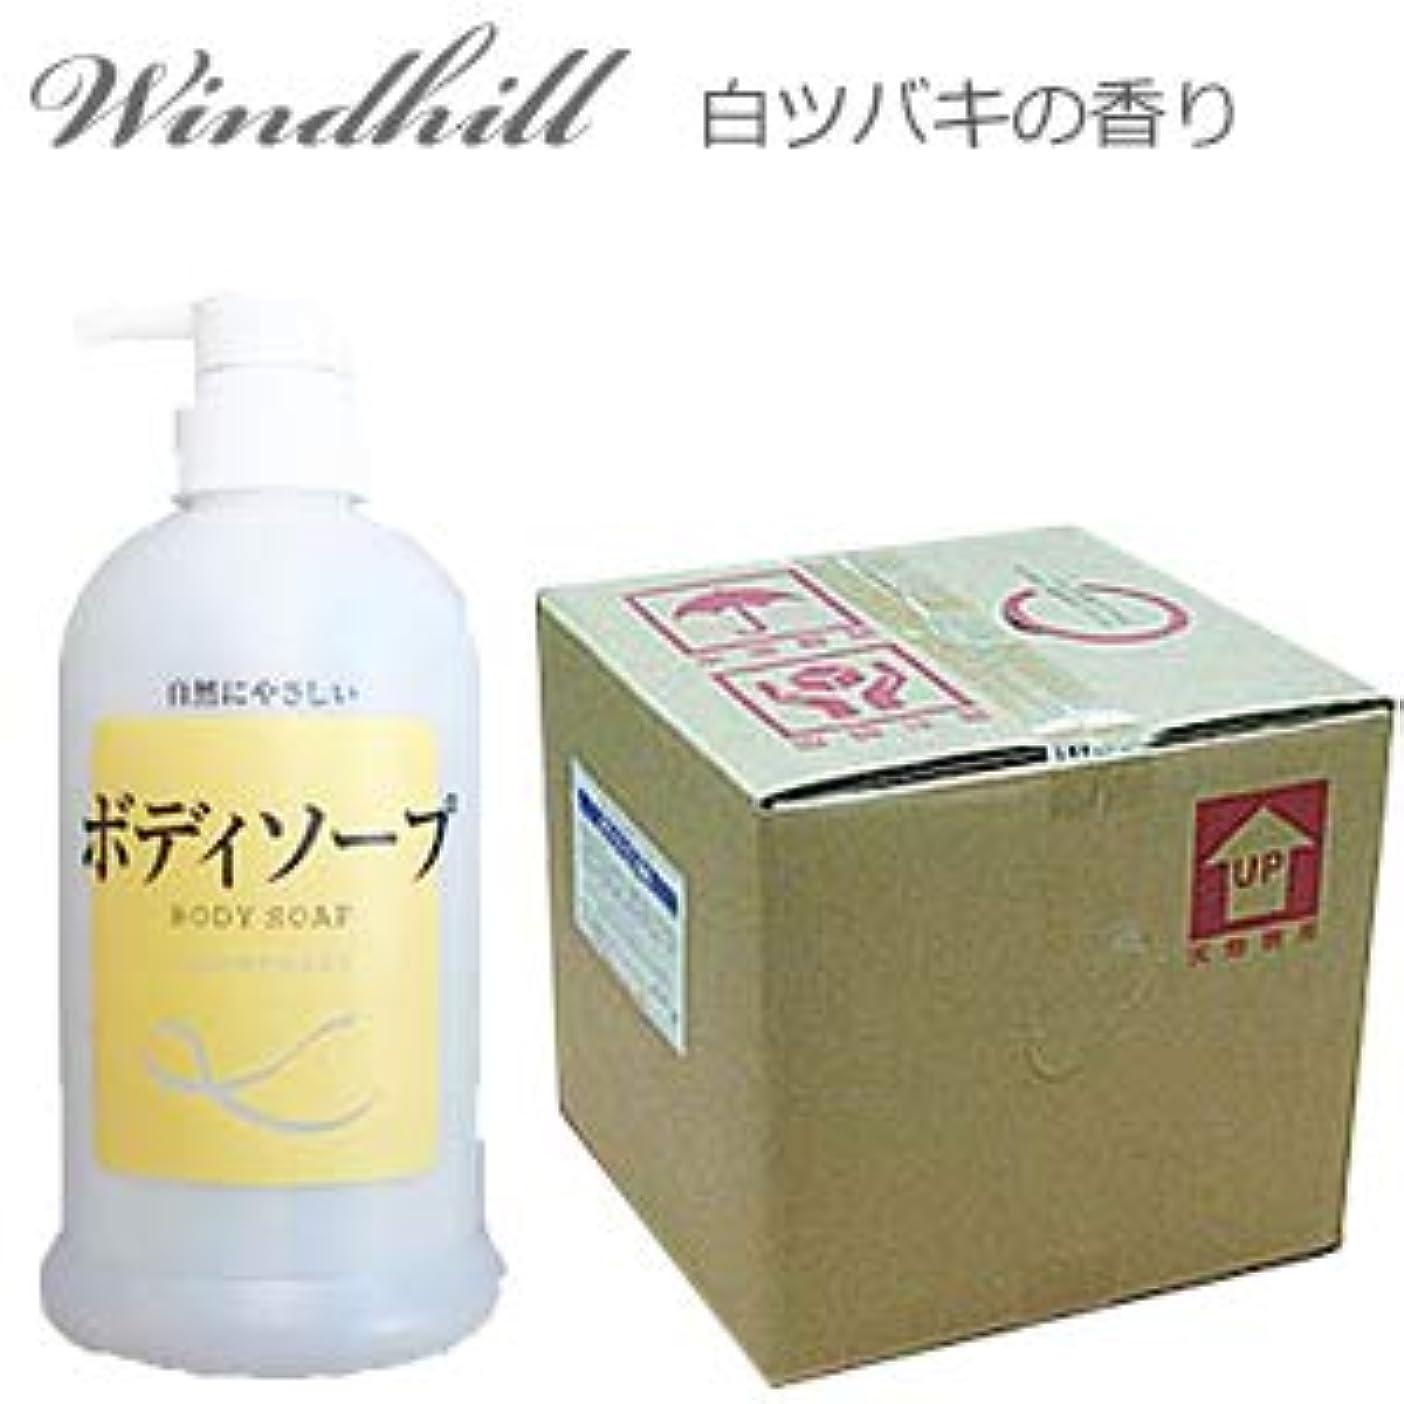 泥面イライラするなんと! 500ml当り175円 Windhill 植物性 業務用 ボディソープ  白ツバキの香り 20L